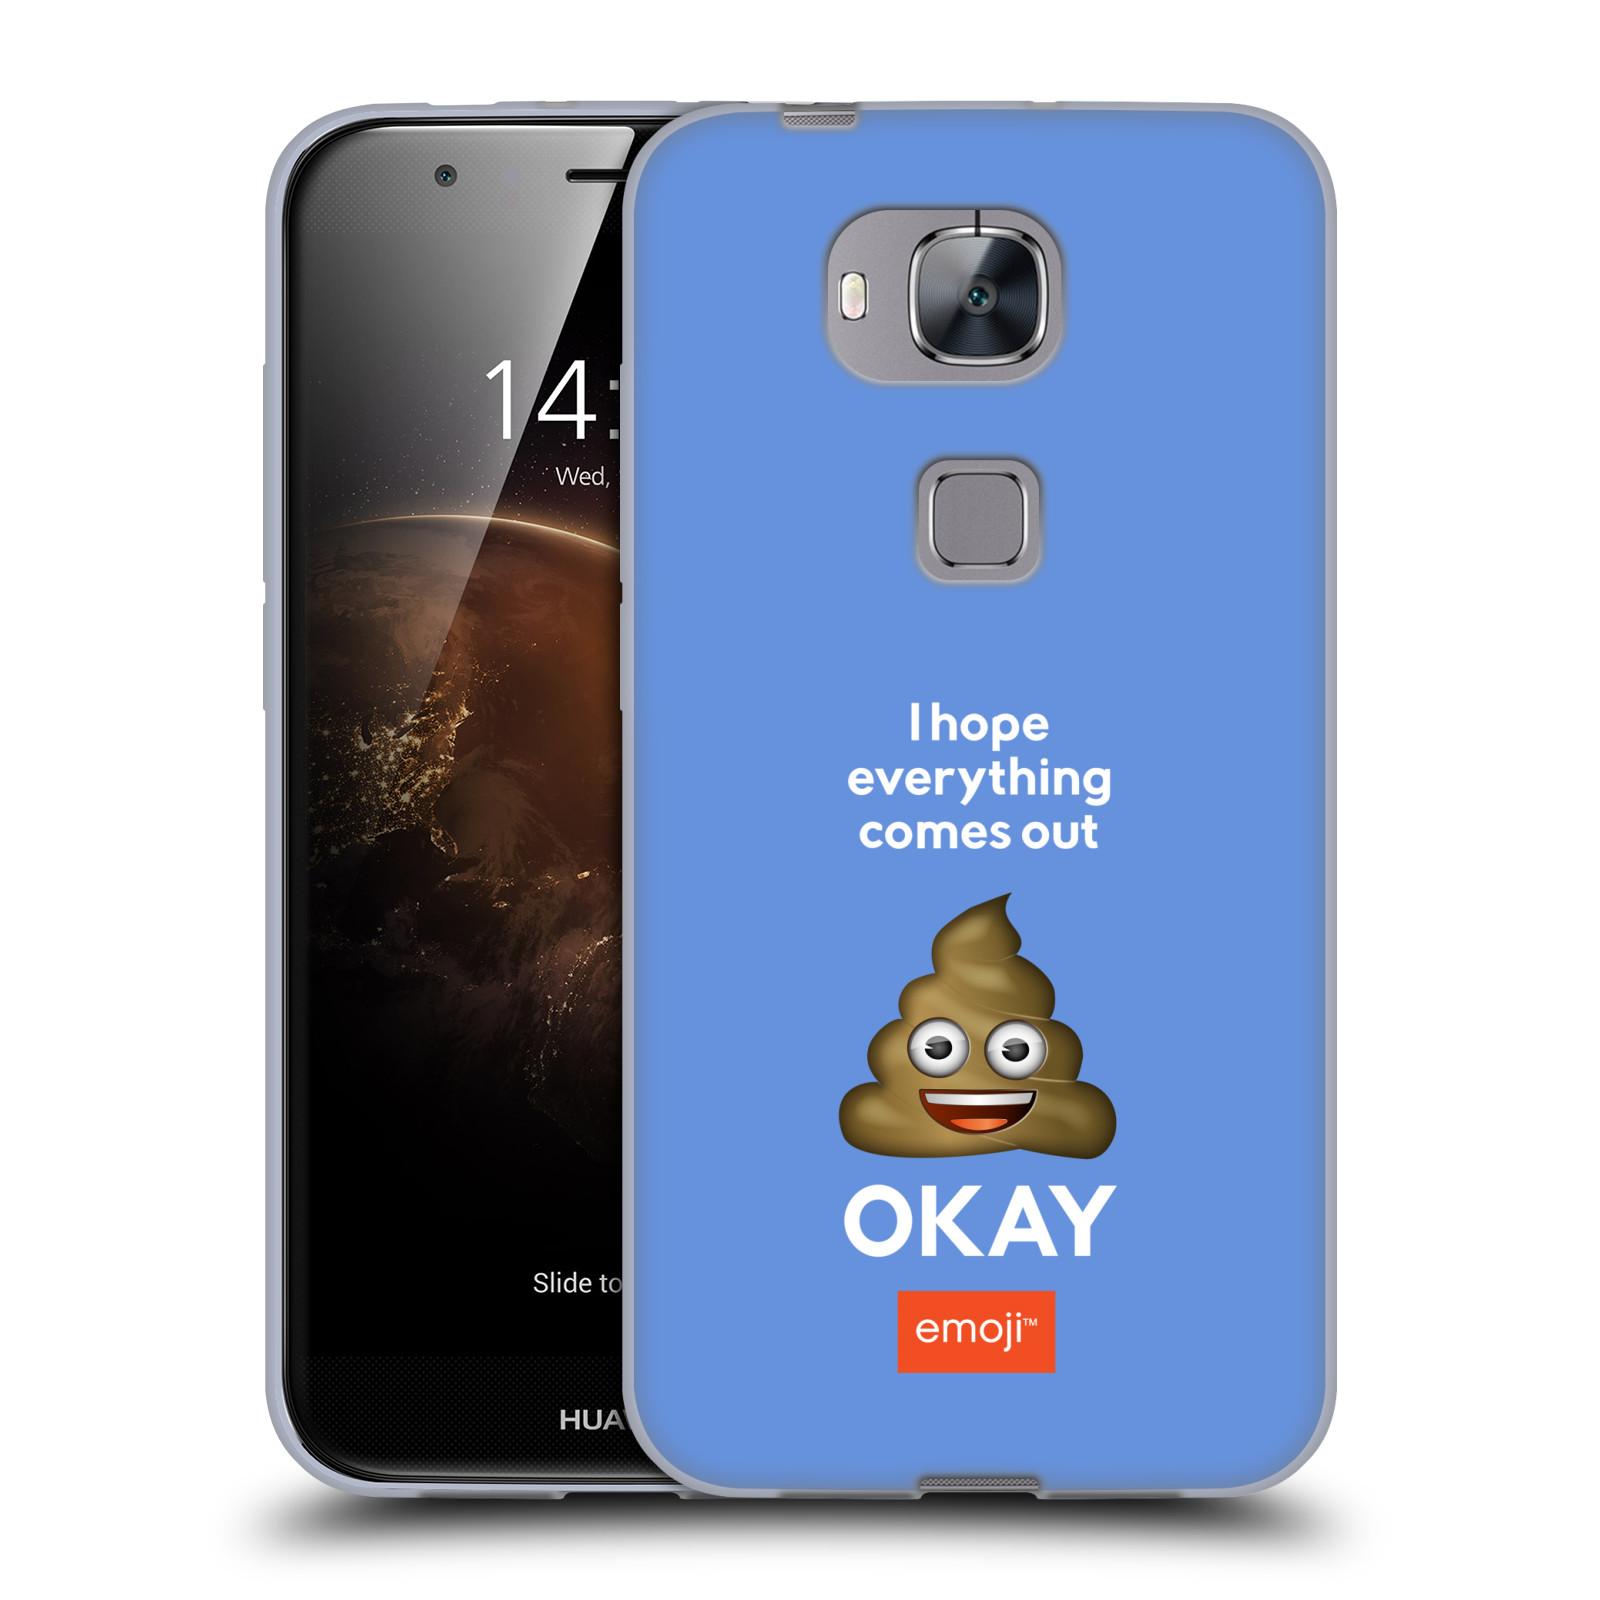 Silikonové pouzdro na mobil Huawei G8 HEAD CASE EMOJI - Hovínko OKAY